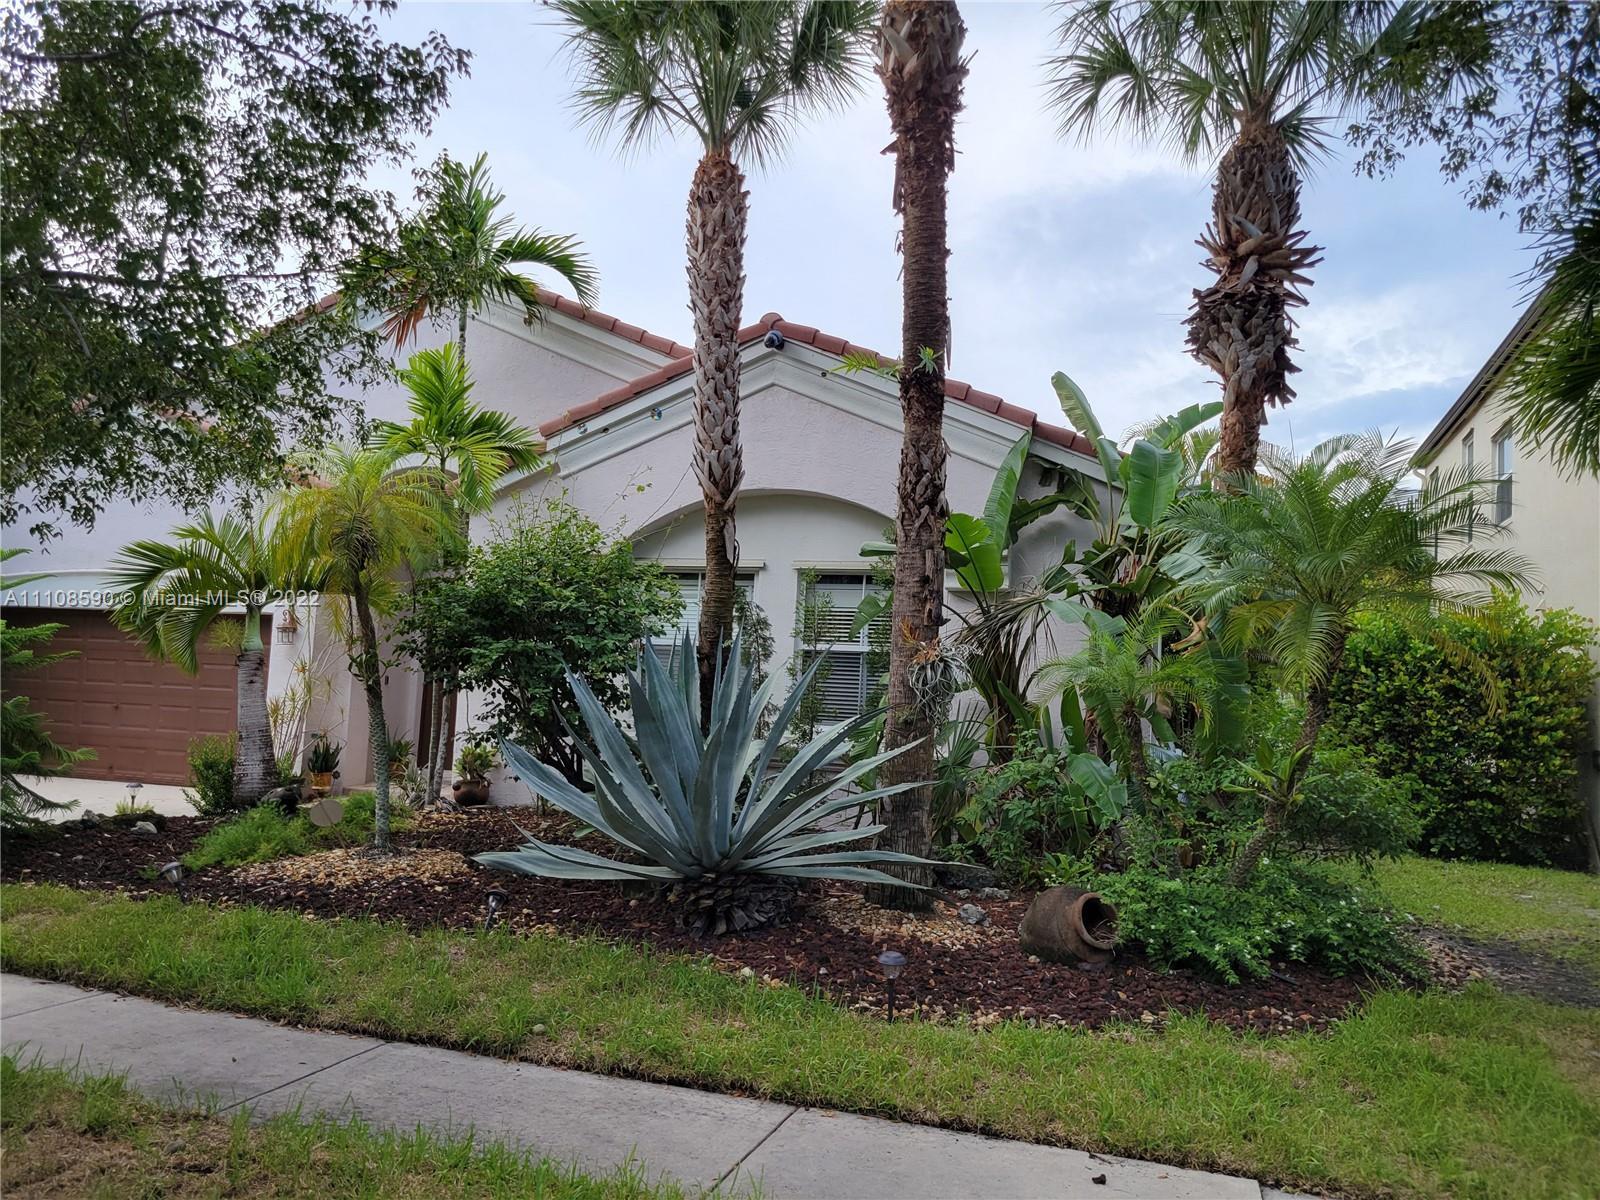 Riviera Isles - 4976 SW 162nd Ave, Miramar, FL 33027